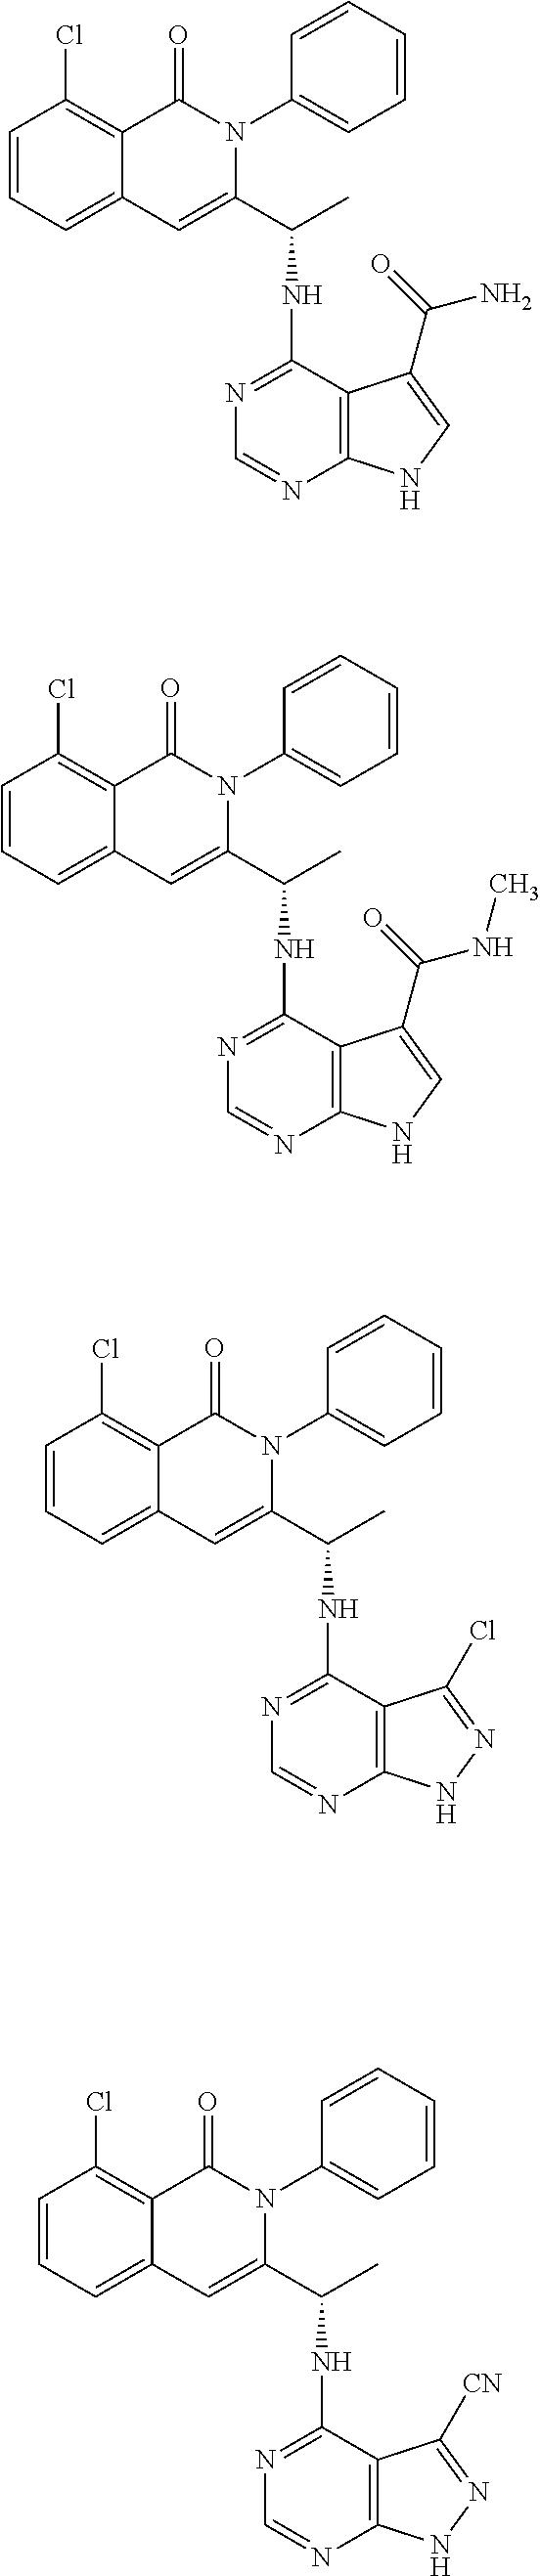 Figure US09216982-20151222-C00288